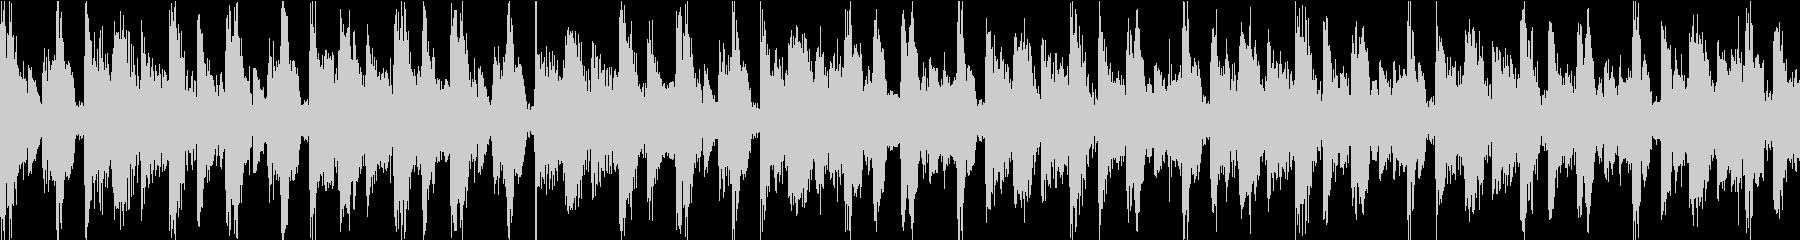 ニュース ドキュメント ループの未再生の波形